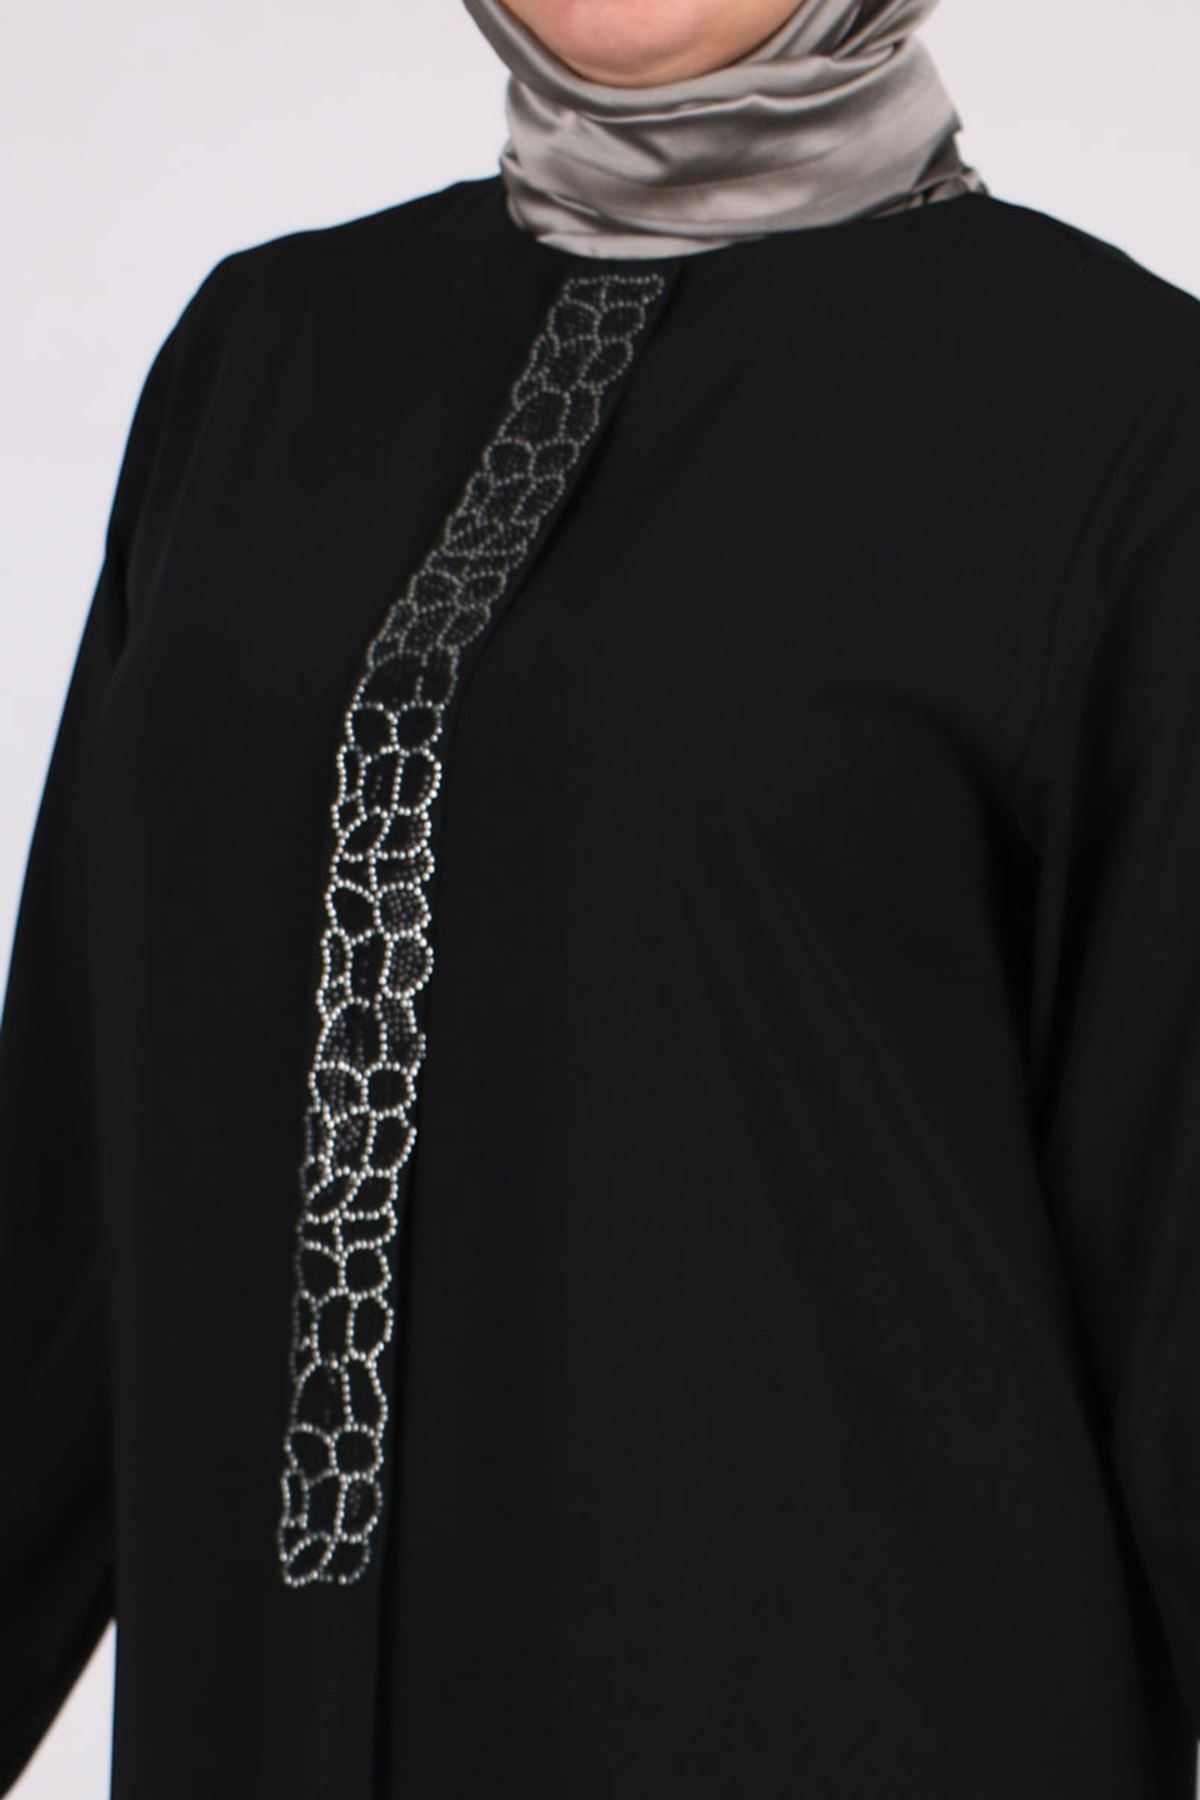 8485 Büyük Beden Önü Taş Detaylı Medine İpeği Tunik - Siyah